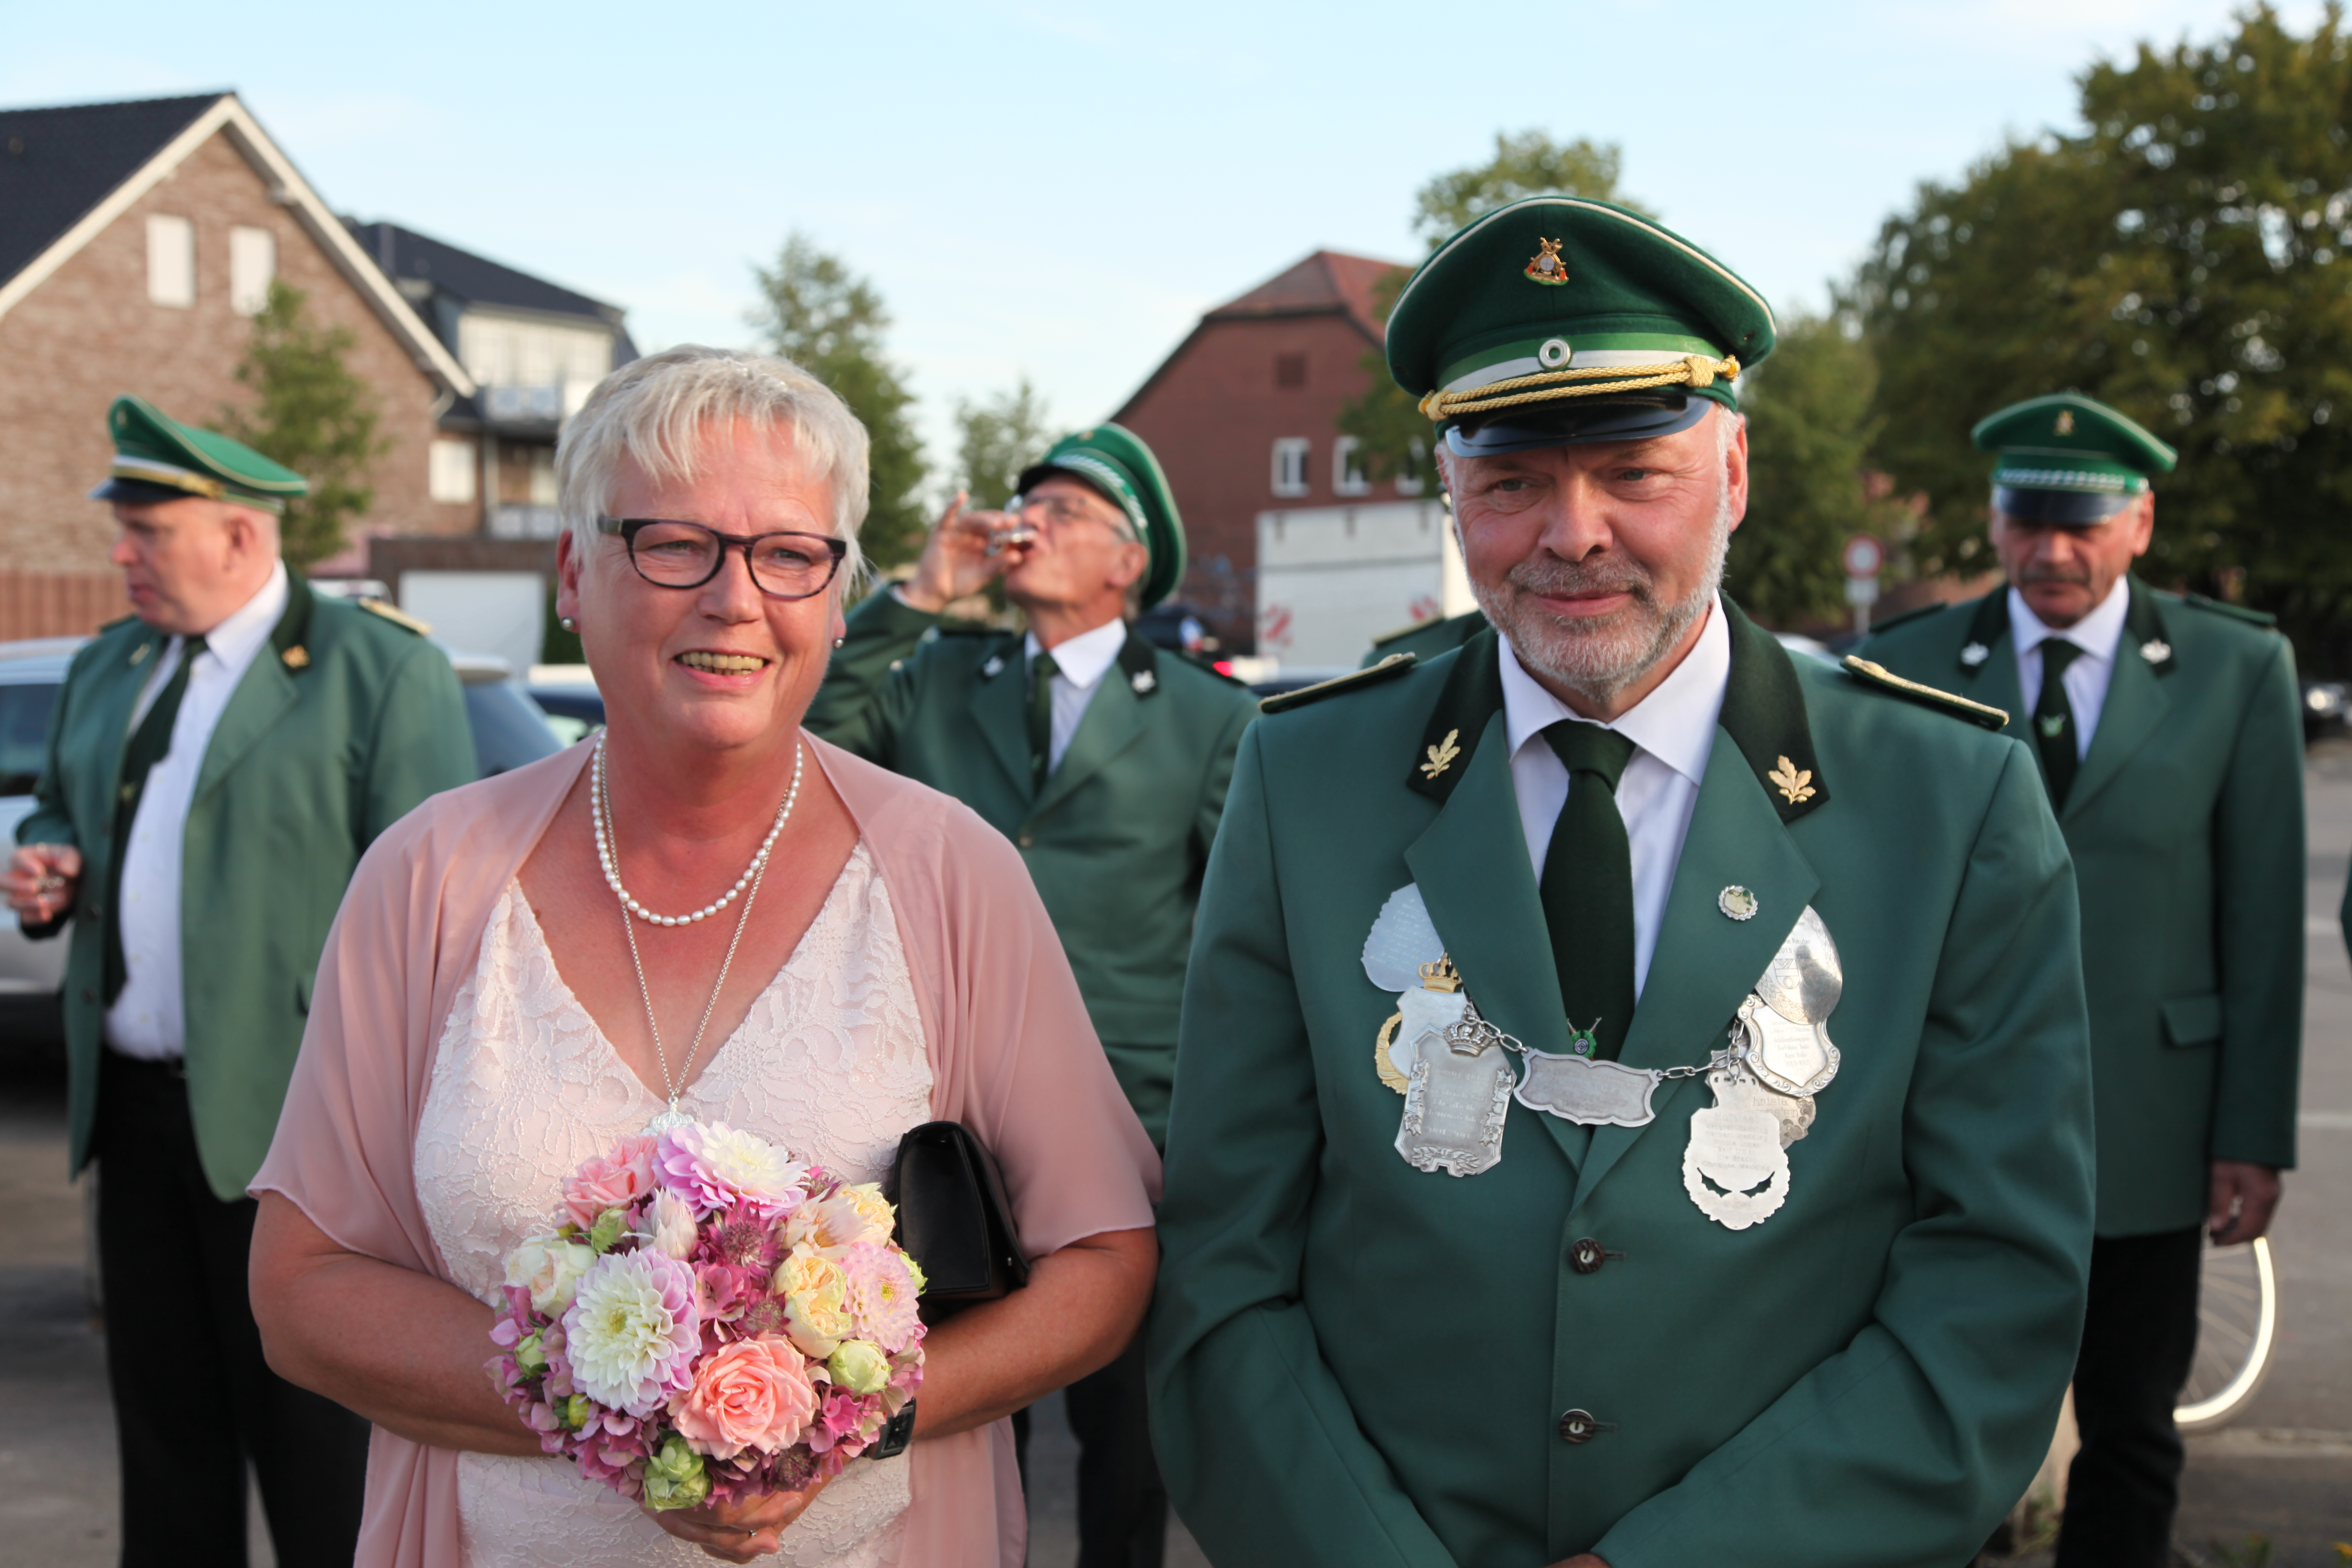 Königsball 2018 – König Hubert und Königin Monika luden ein